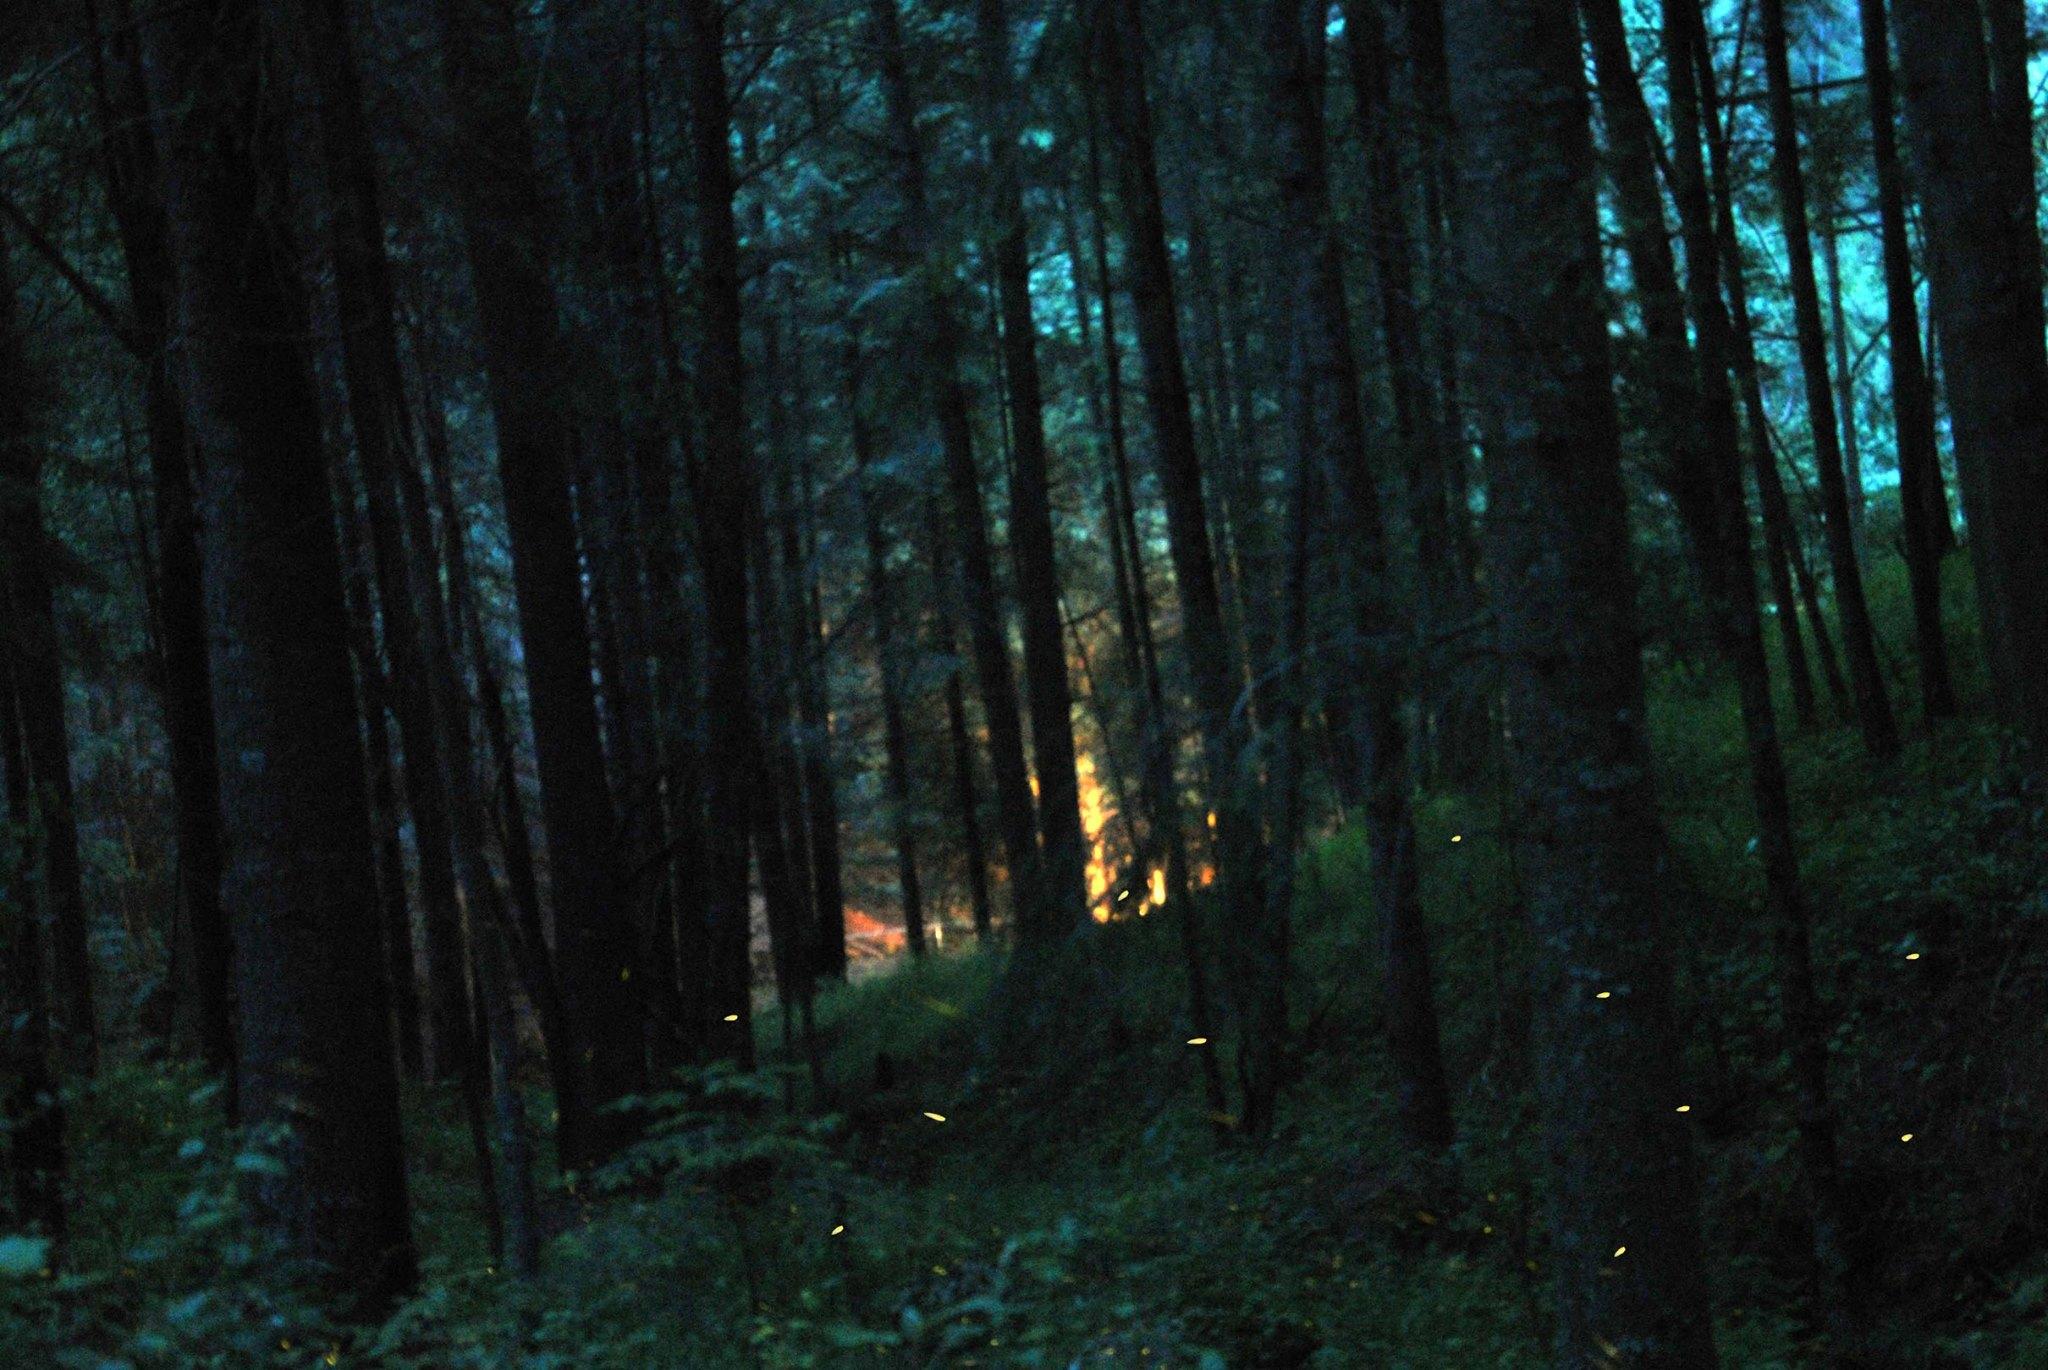 Descubre la magia del santuario de las luci rnagas for Espectaculo de luciernagas en tlaxcala